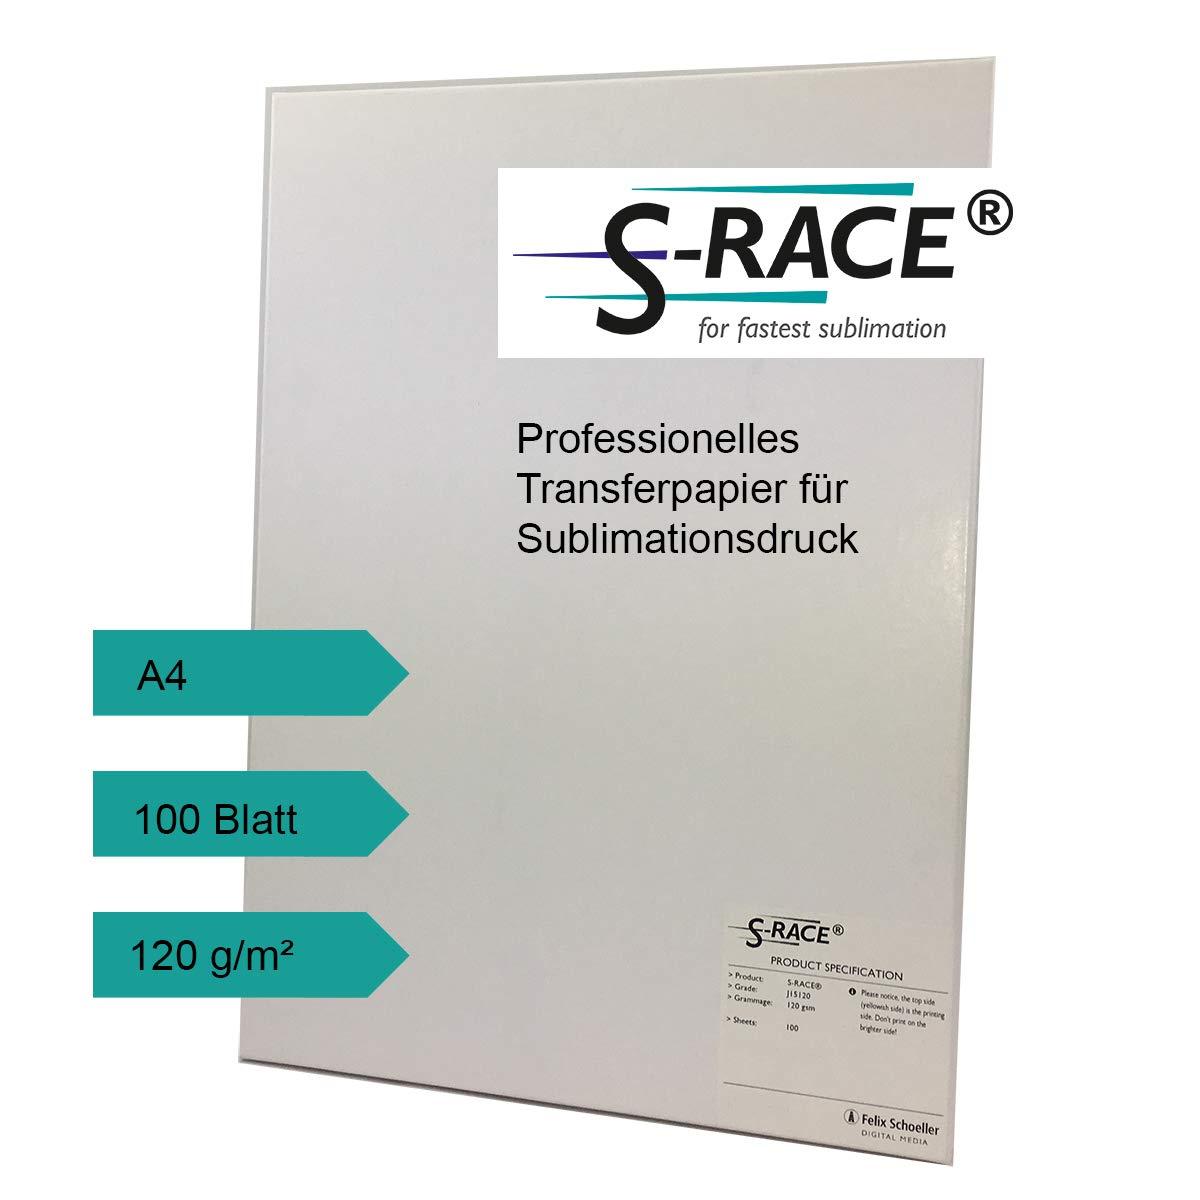 S-RACE Transferpapier DIN-A4 100 Blatt 120g/m² - Sublimationspapier für Inkjet Drucker - schnell trocknend, wischfest Felix Schoeller Group